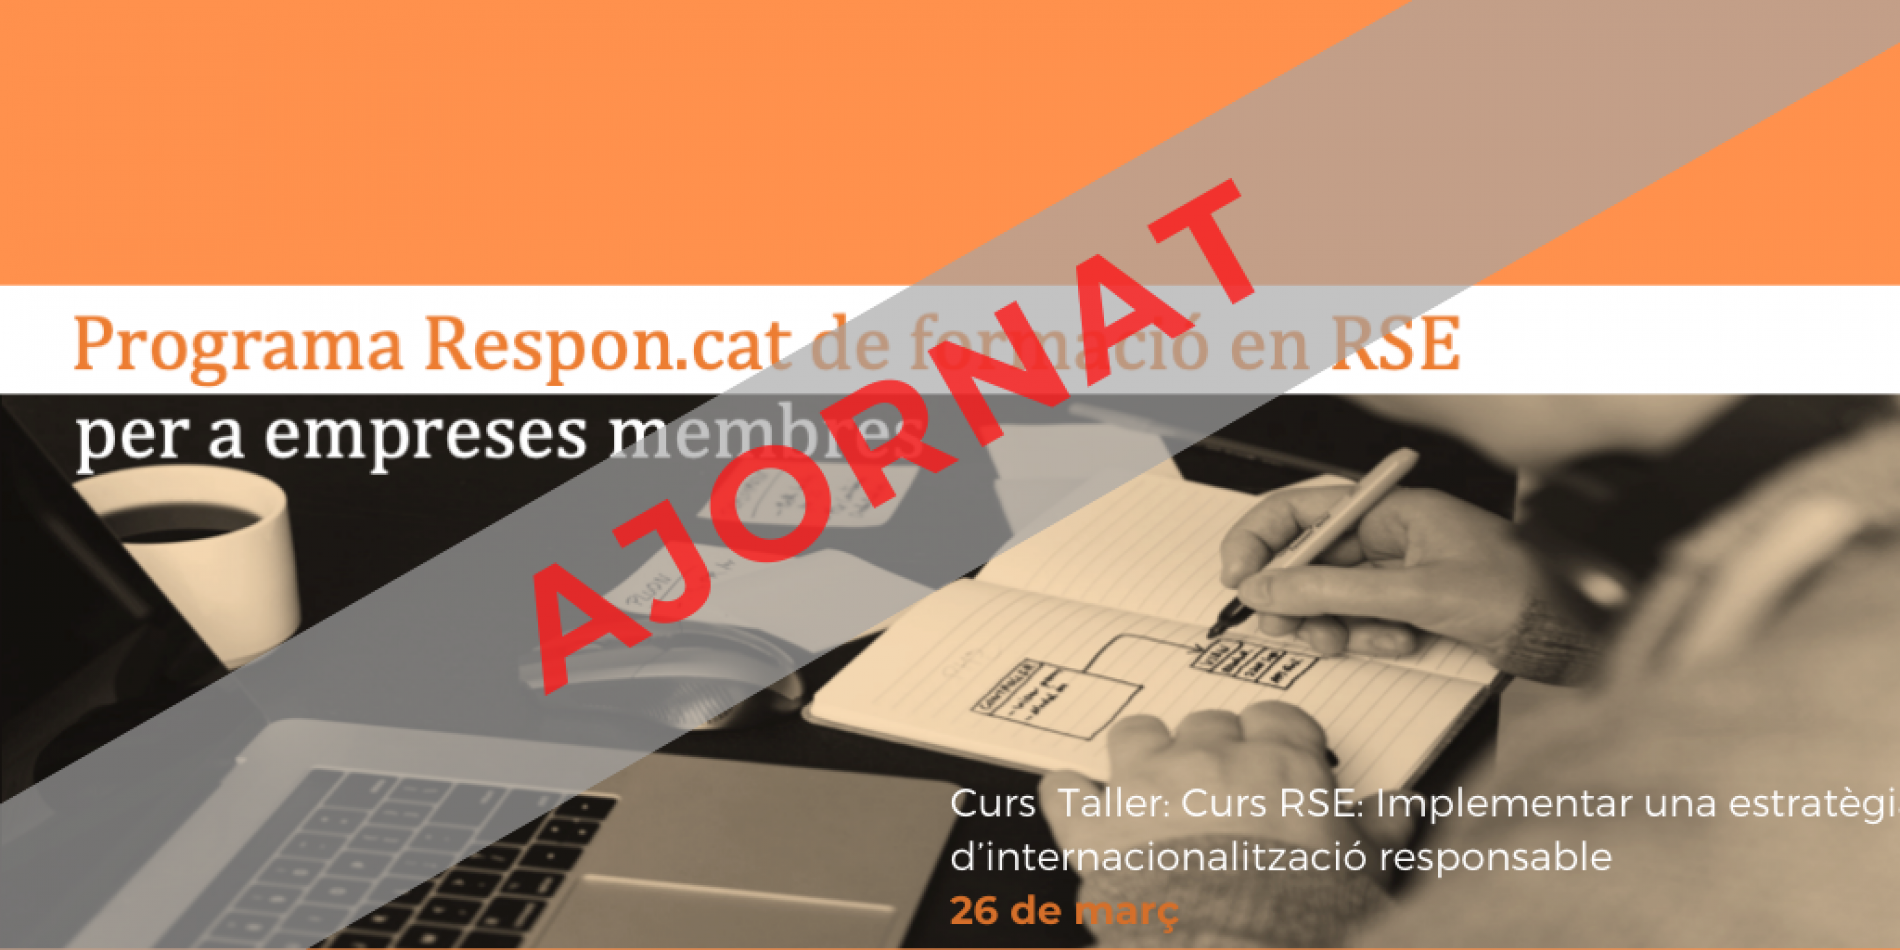 [AJORNAT] Curs RSE: Implementar una estratègia d'internacionalització responsable